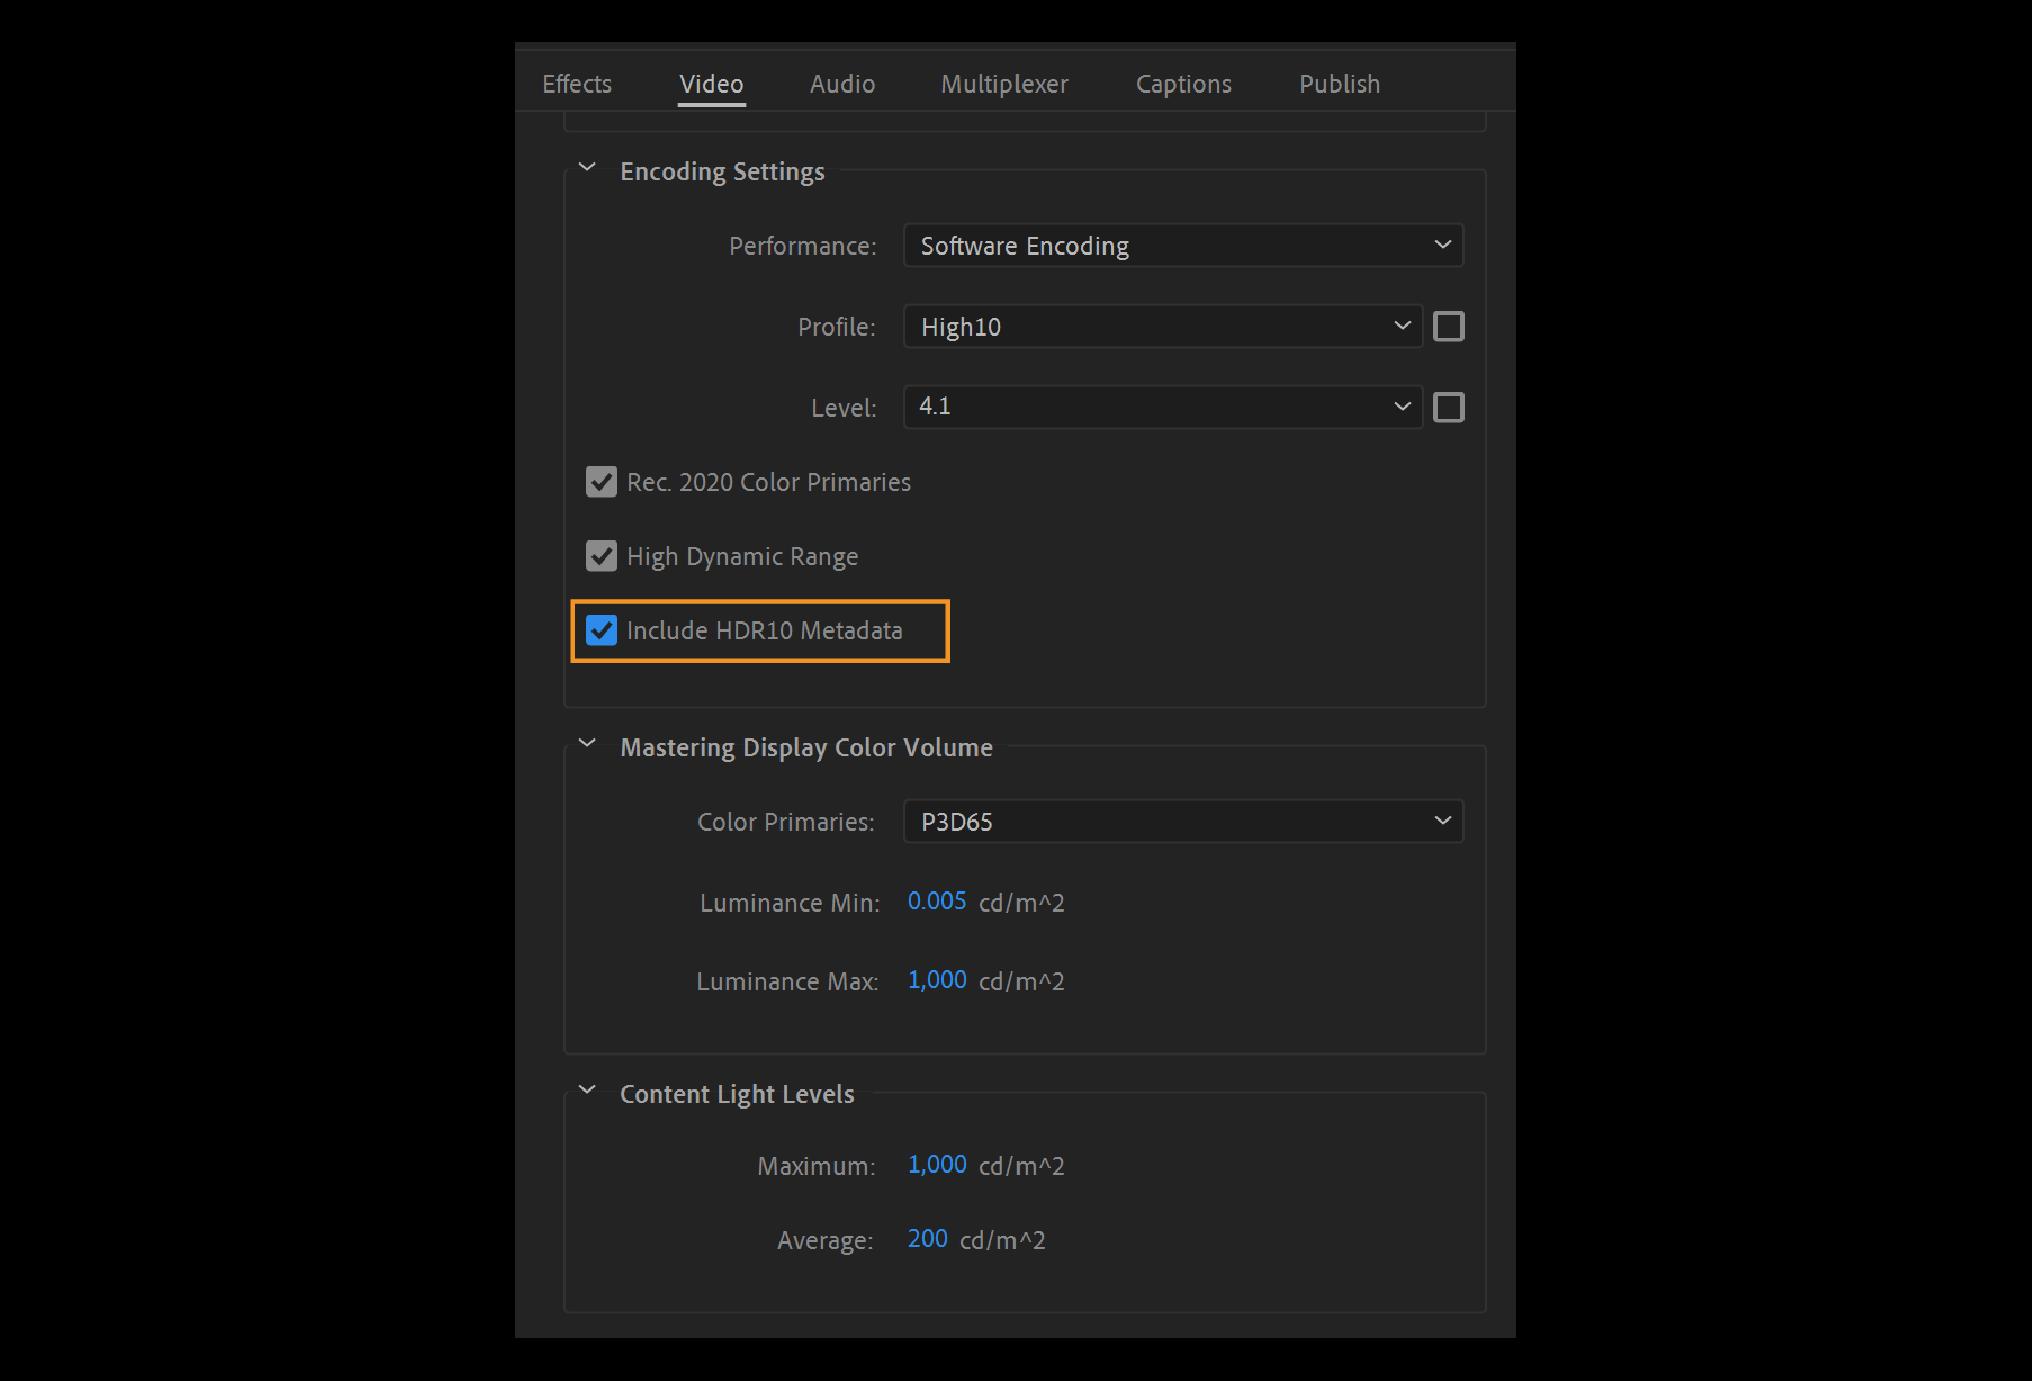 Adobe Premiere Pro 2020 hỗ trợ xuất HDR10 kèm metadata